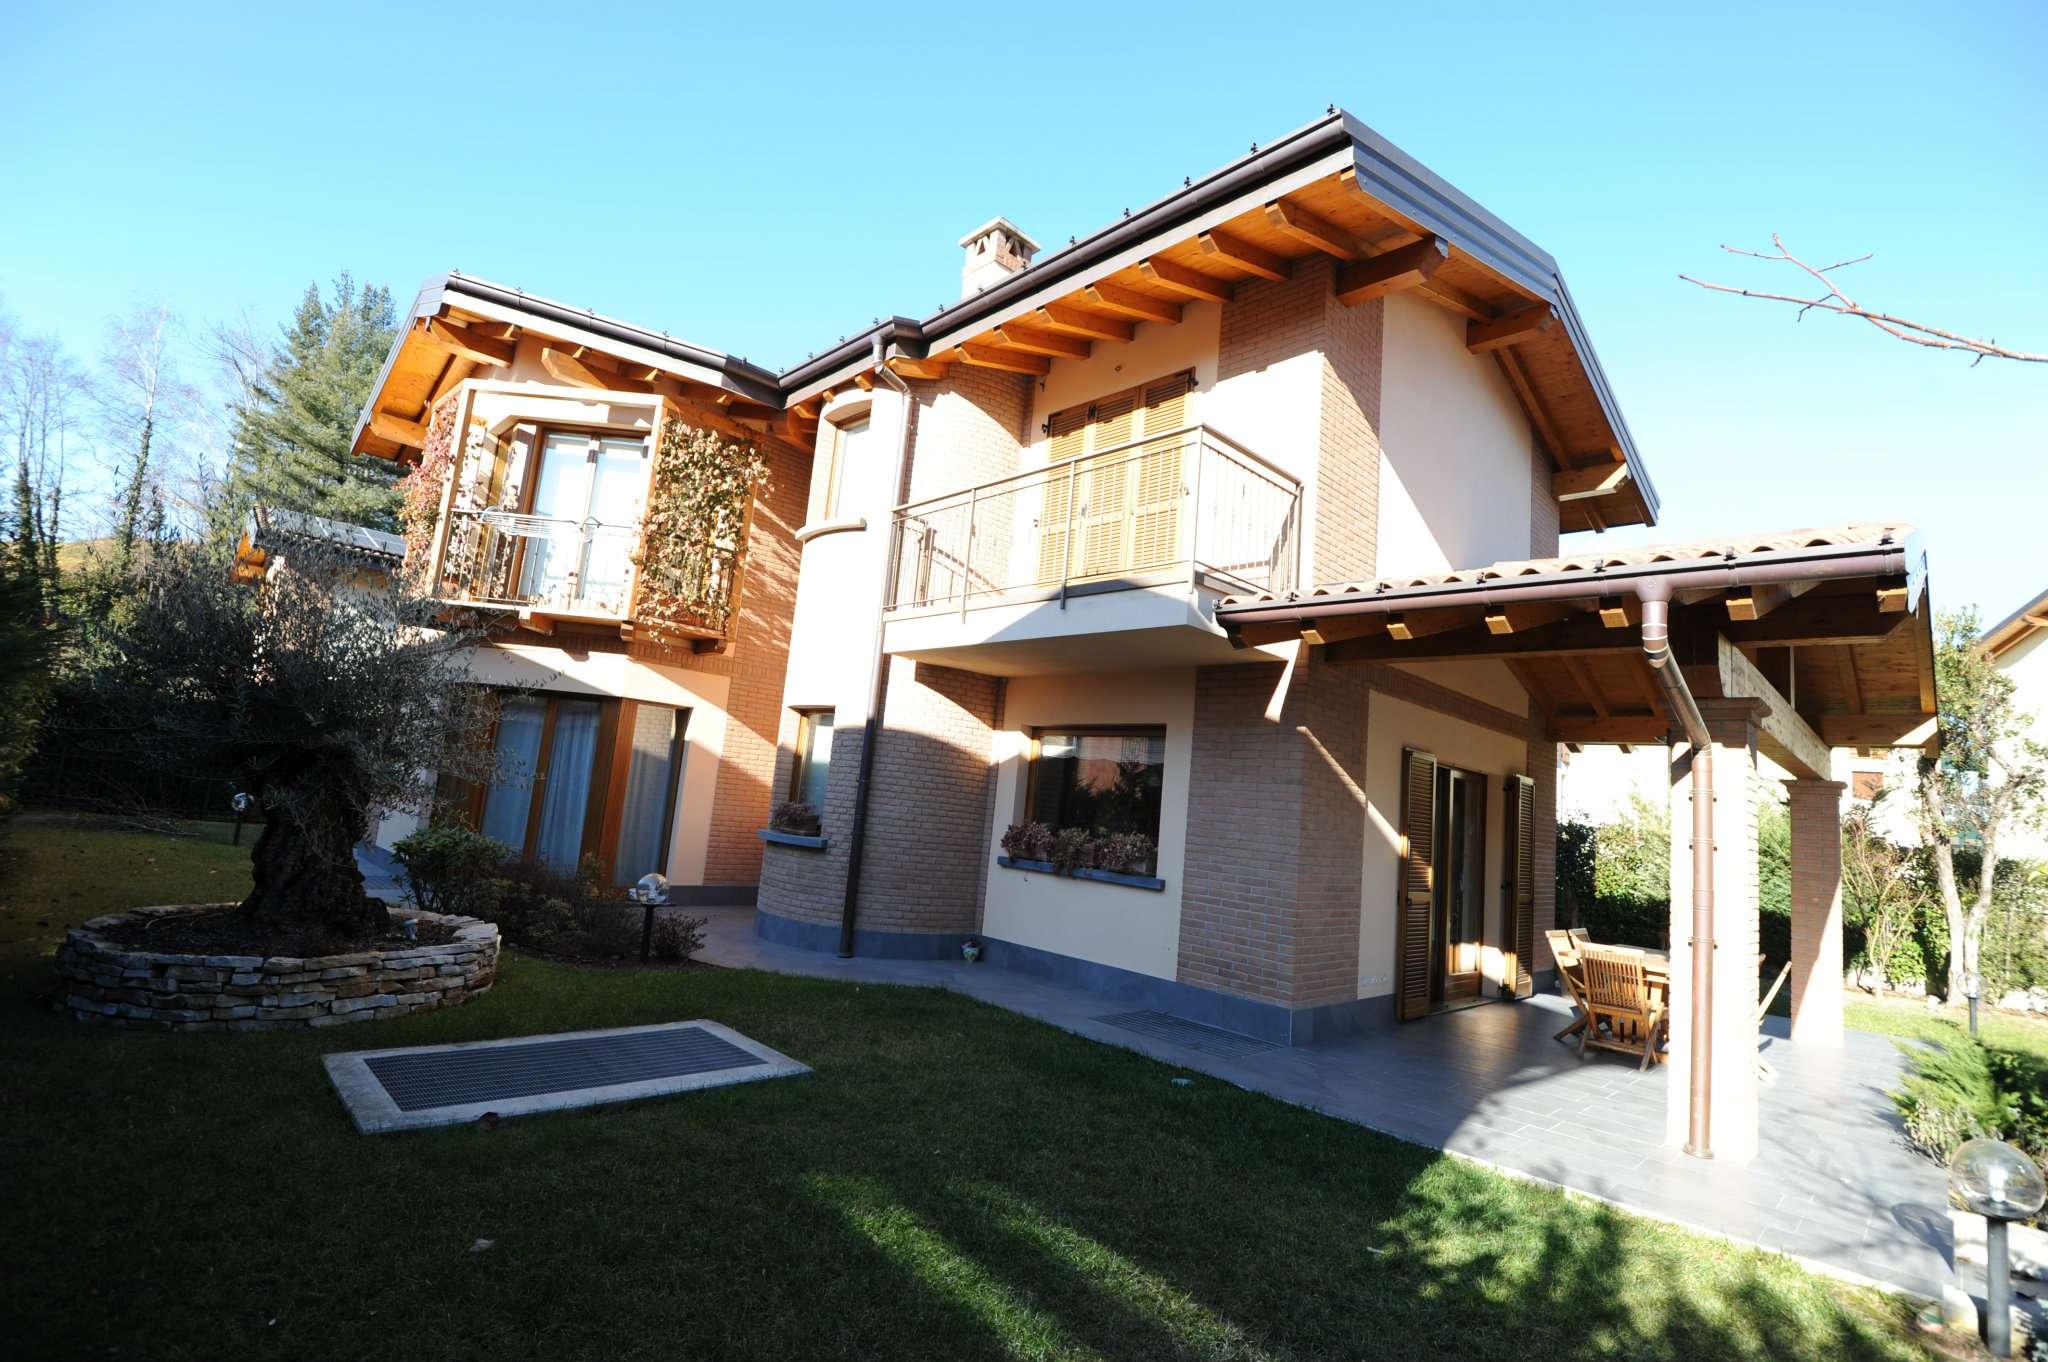 Villa in vendita a Sorisole, 5 locali, prezzo € 720.000 | Cambio Casa.it